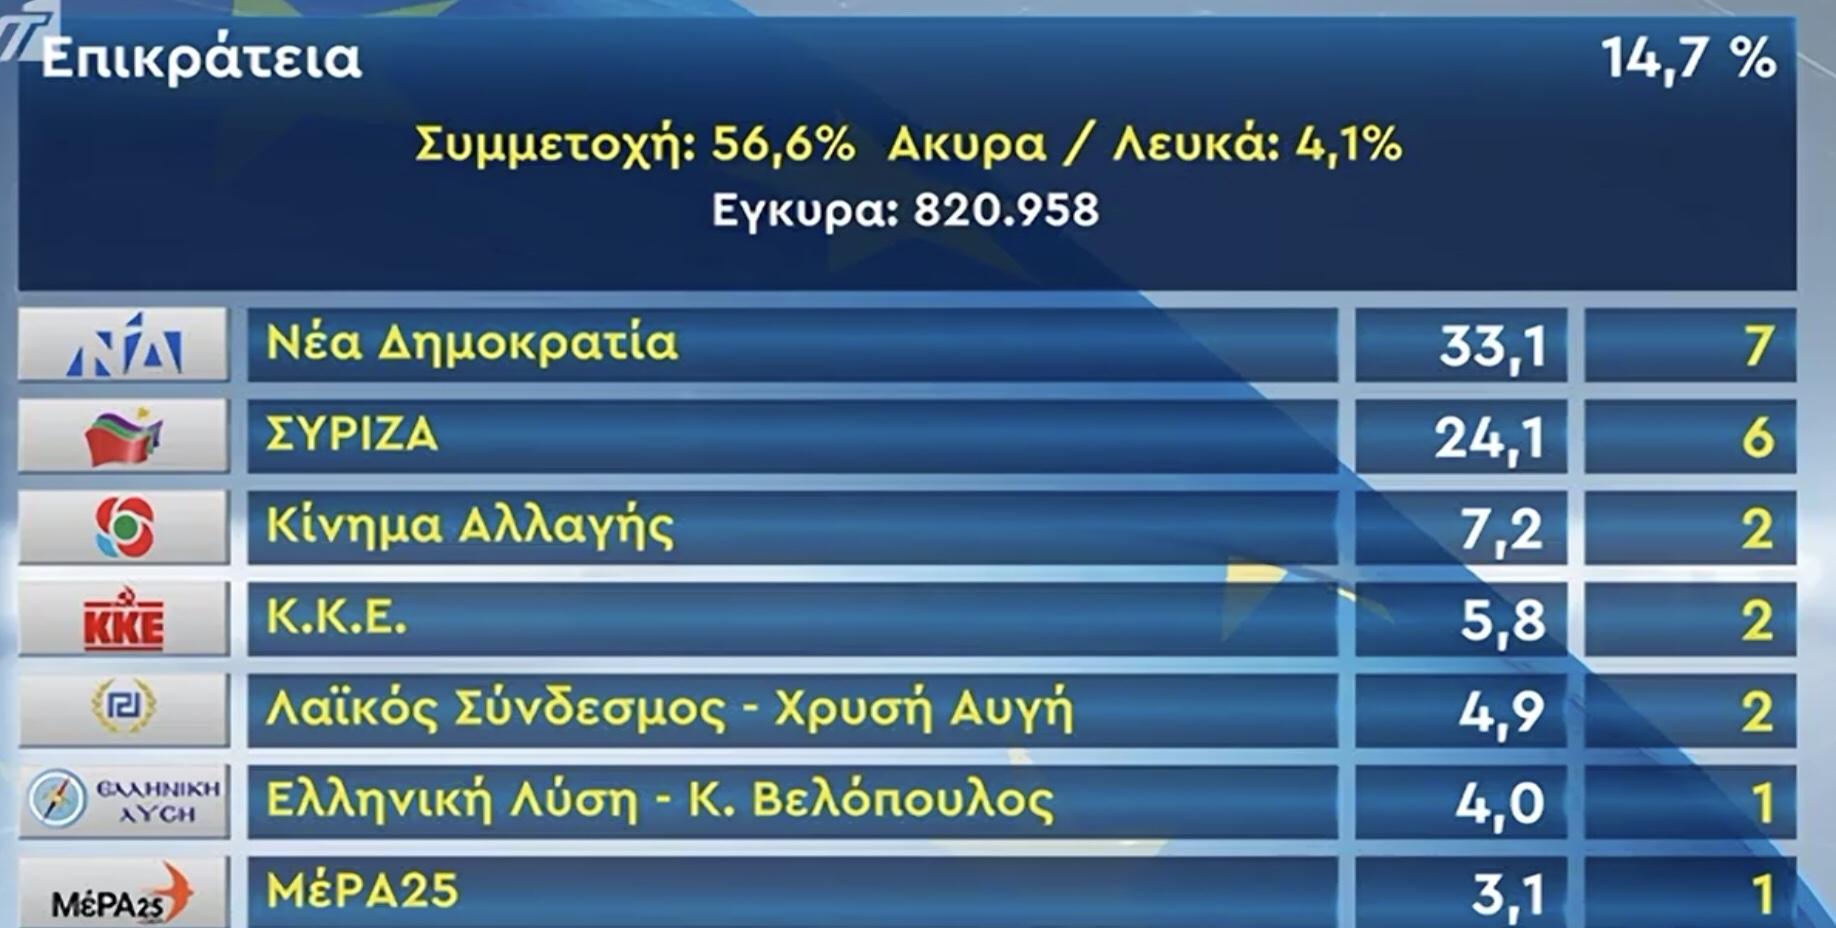 Τώρα – τα πρώτα αποτελέσματα επικρατείας. Επιβεβαιώνει την διαφορά των εννέα μονάδων.